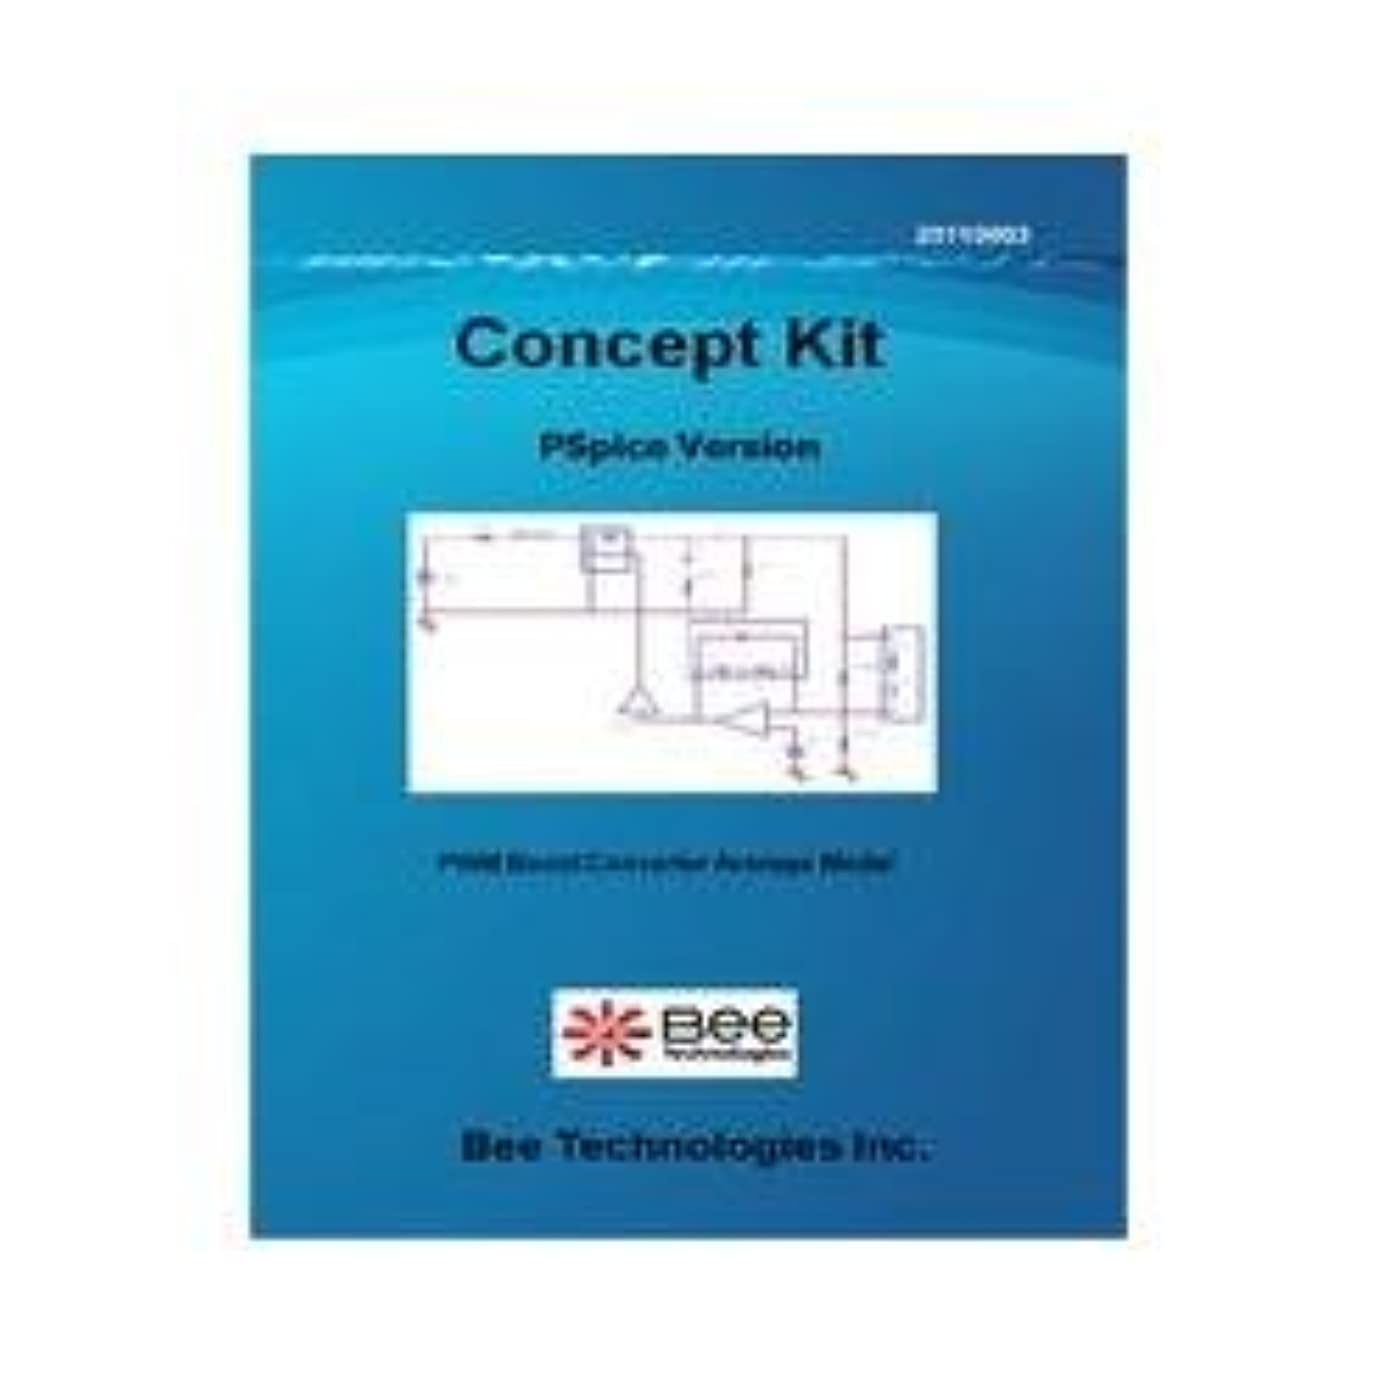 底したがって左Bee Technologies 昇圧コンバータ(アベレージモデル) 【Concept Kit 005】